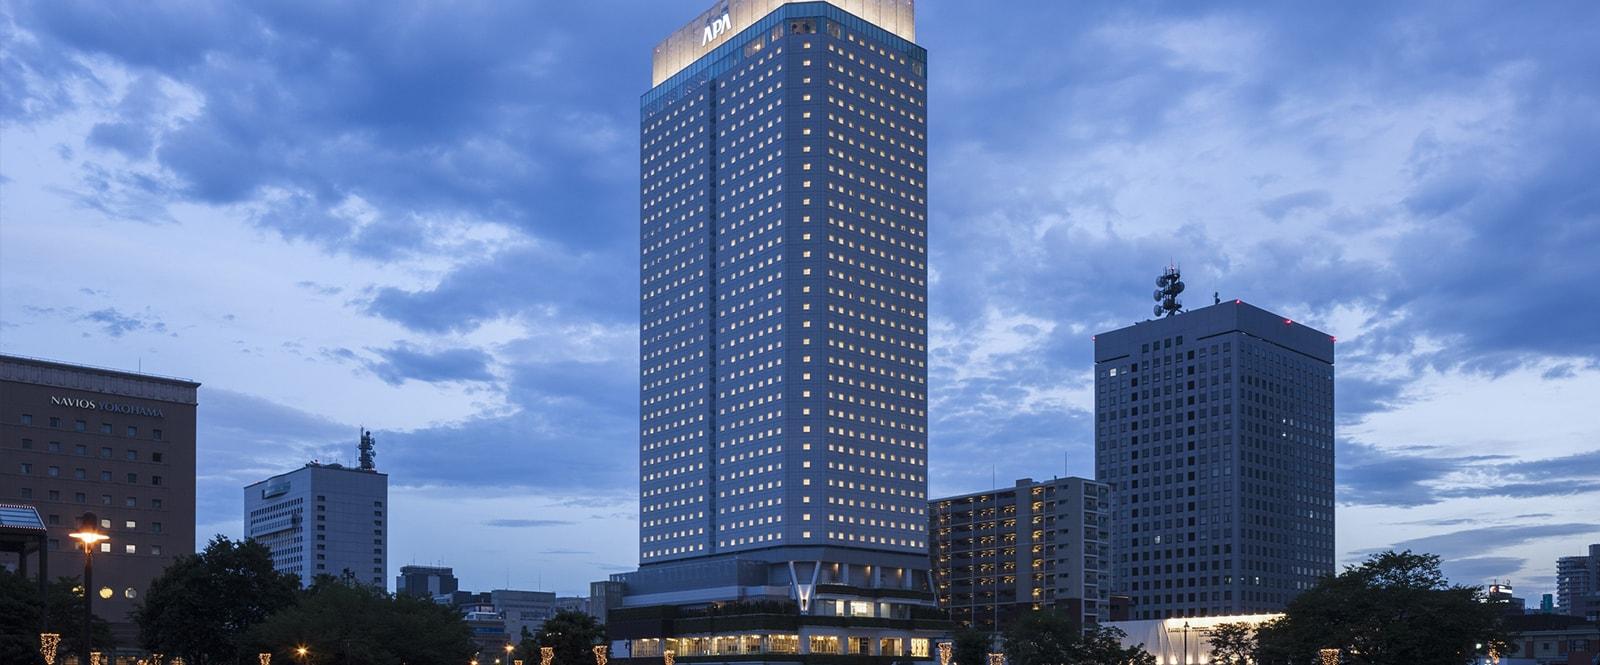 ベイタワー アパホテル 横浜